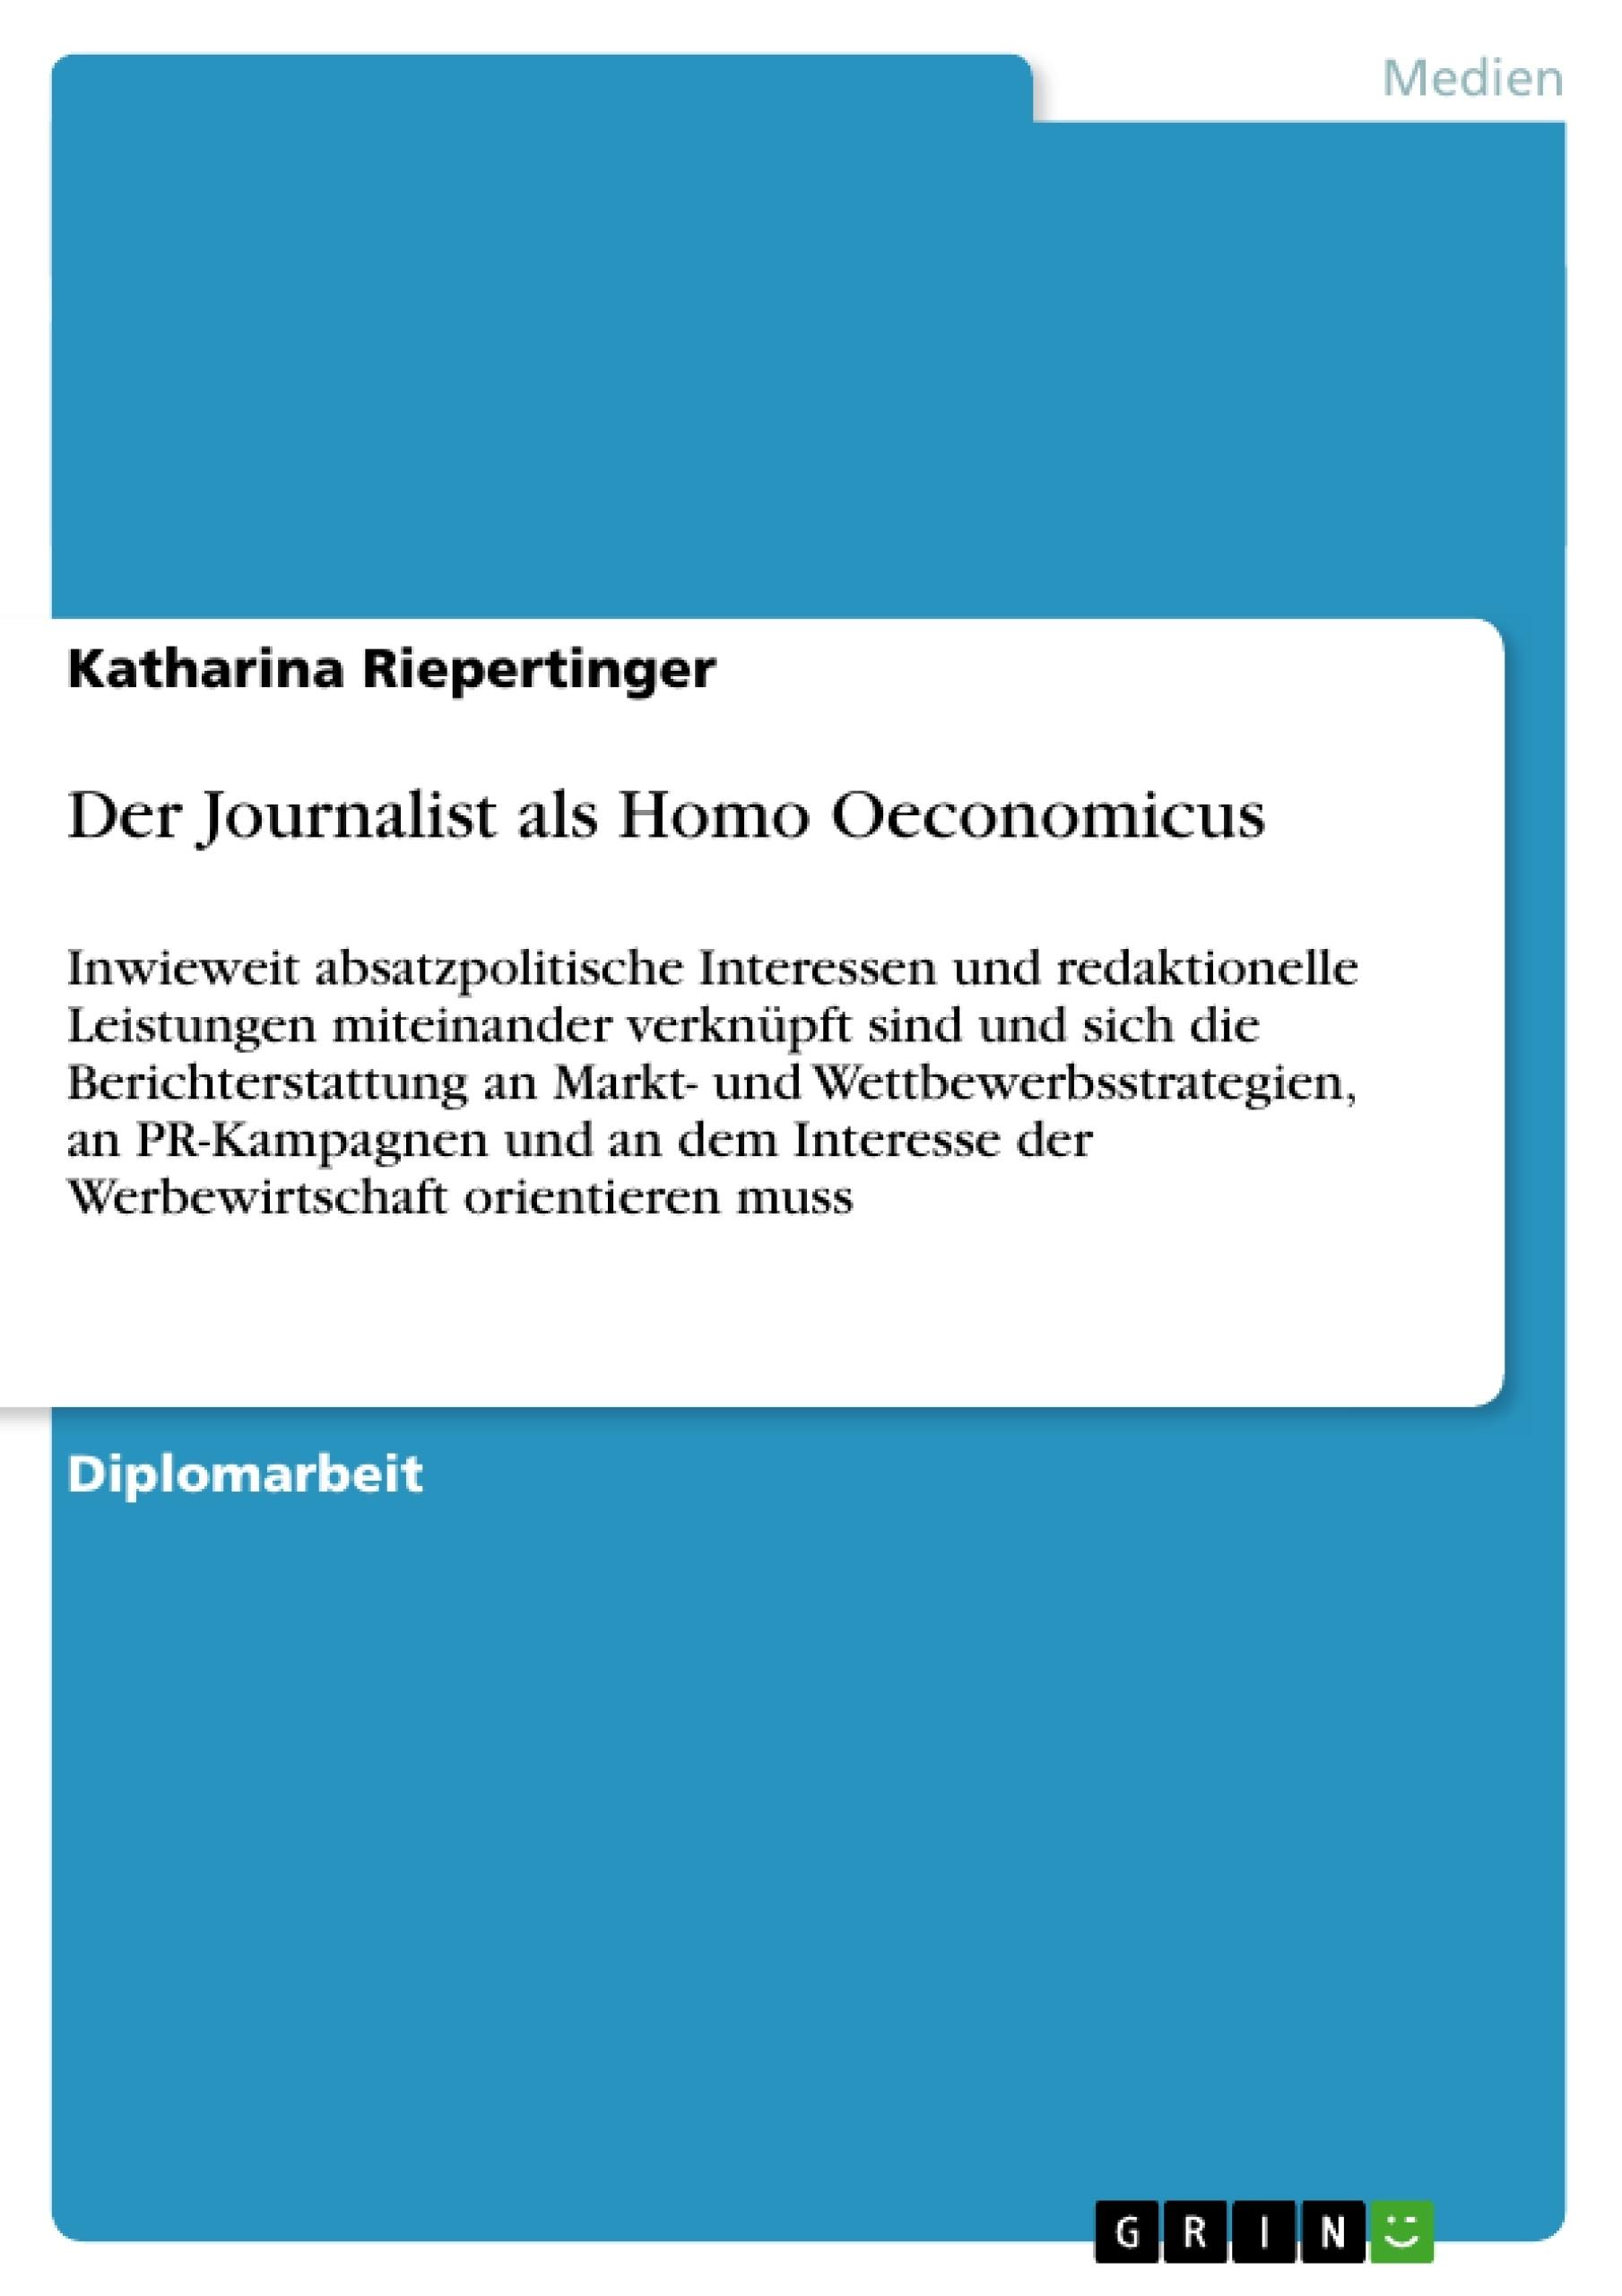 Titel: Der Journalist als Homo Oeconomicus